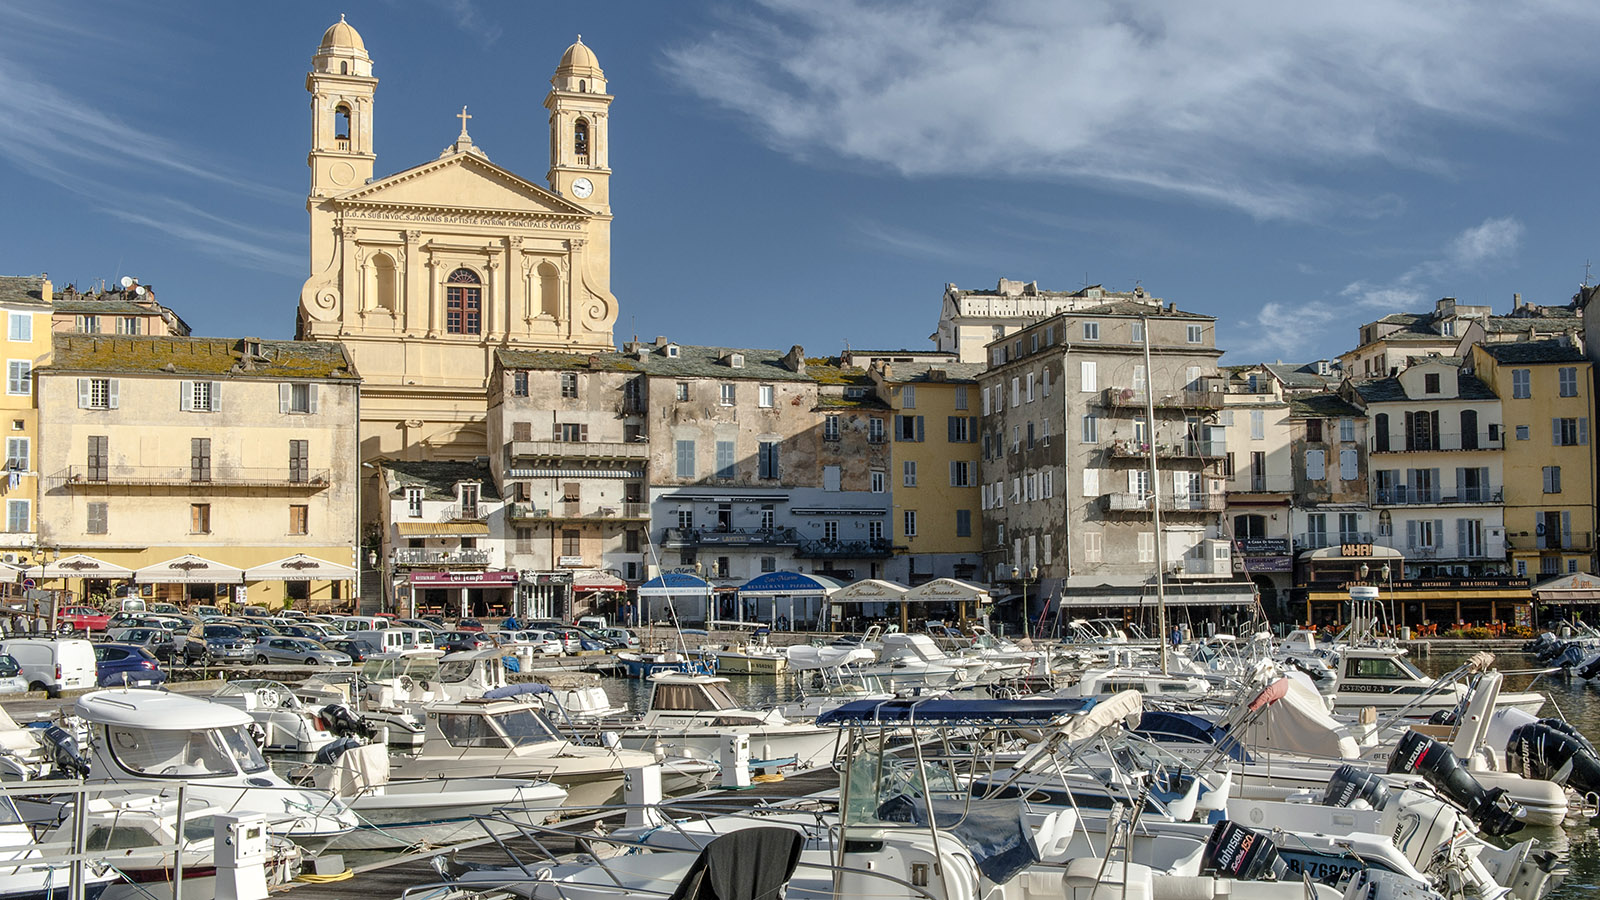 Blick auf die Terra Vecchia von Bastia mit dem alten Hafen. Foto: Hilke Maunder